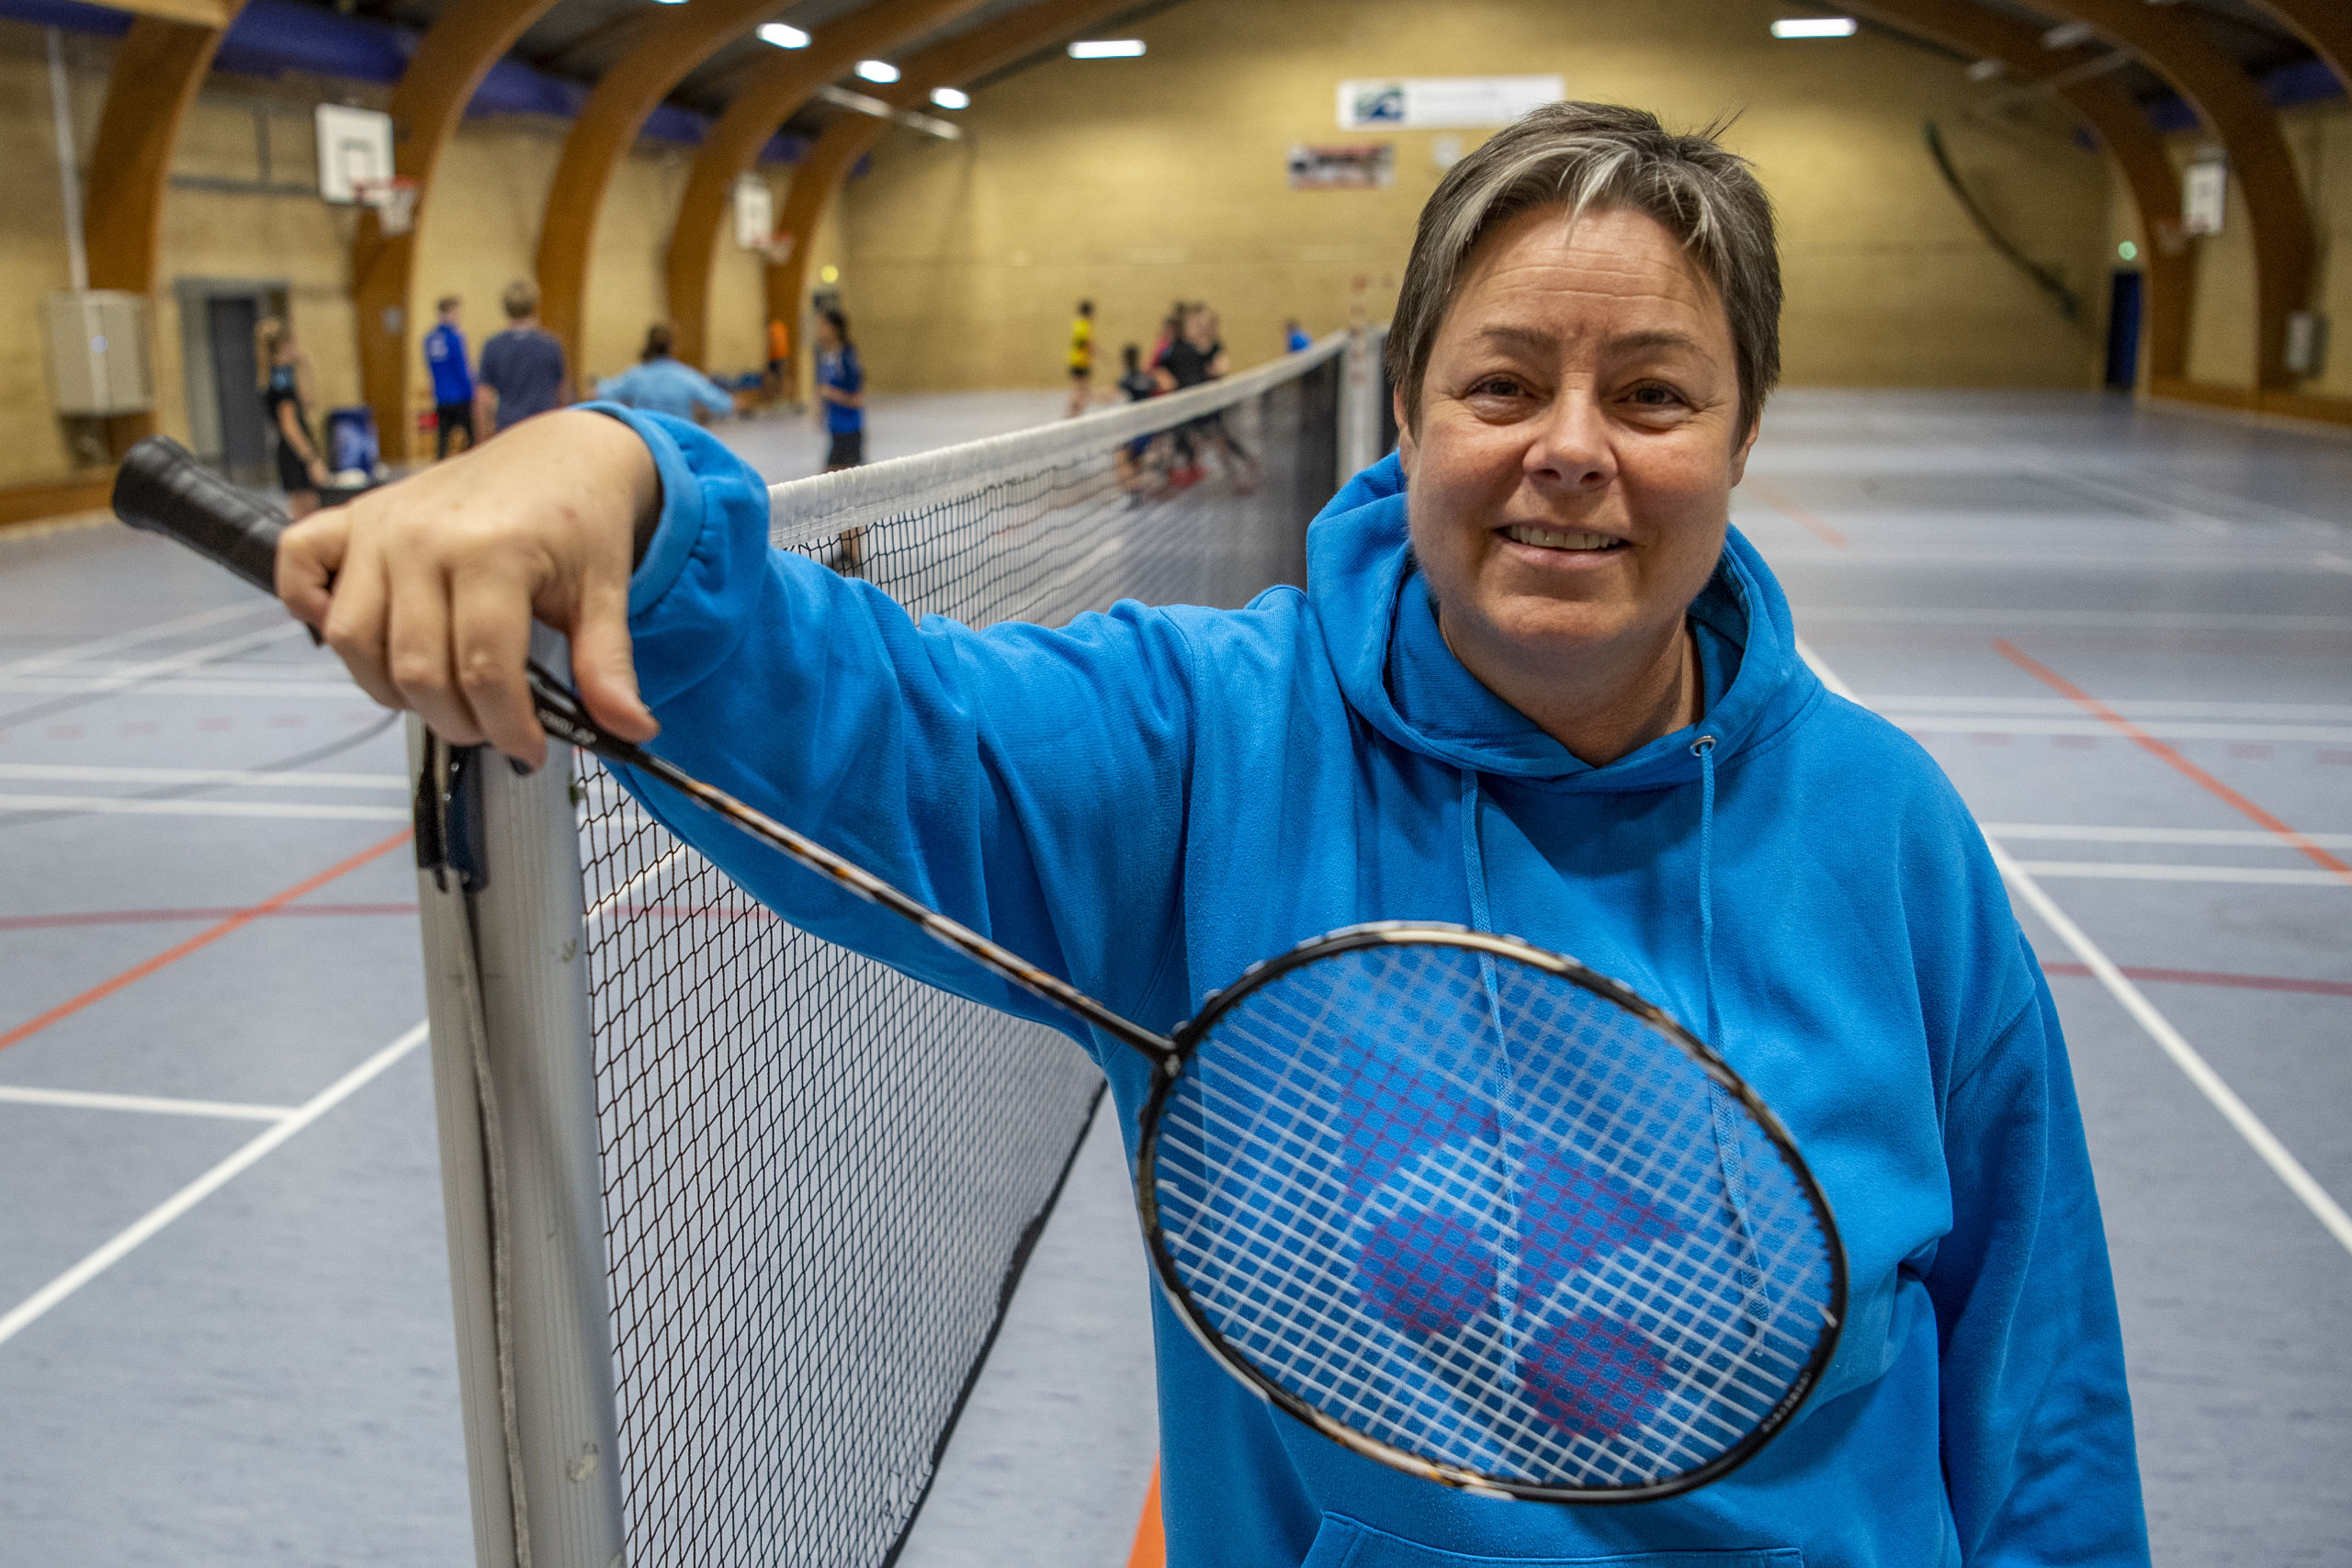 Gitte Paulsen er nomineret til prisen Årets Energibundt i DRs Sport 2018, der løber af stablen 5. januar. Foto: Andreas Falck